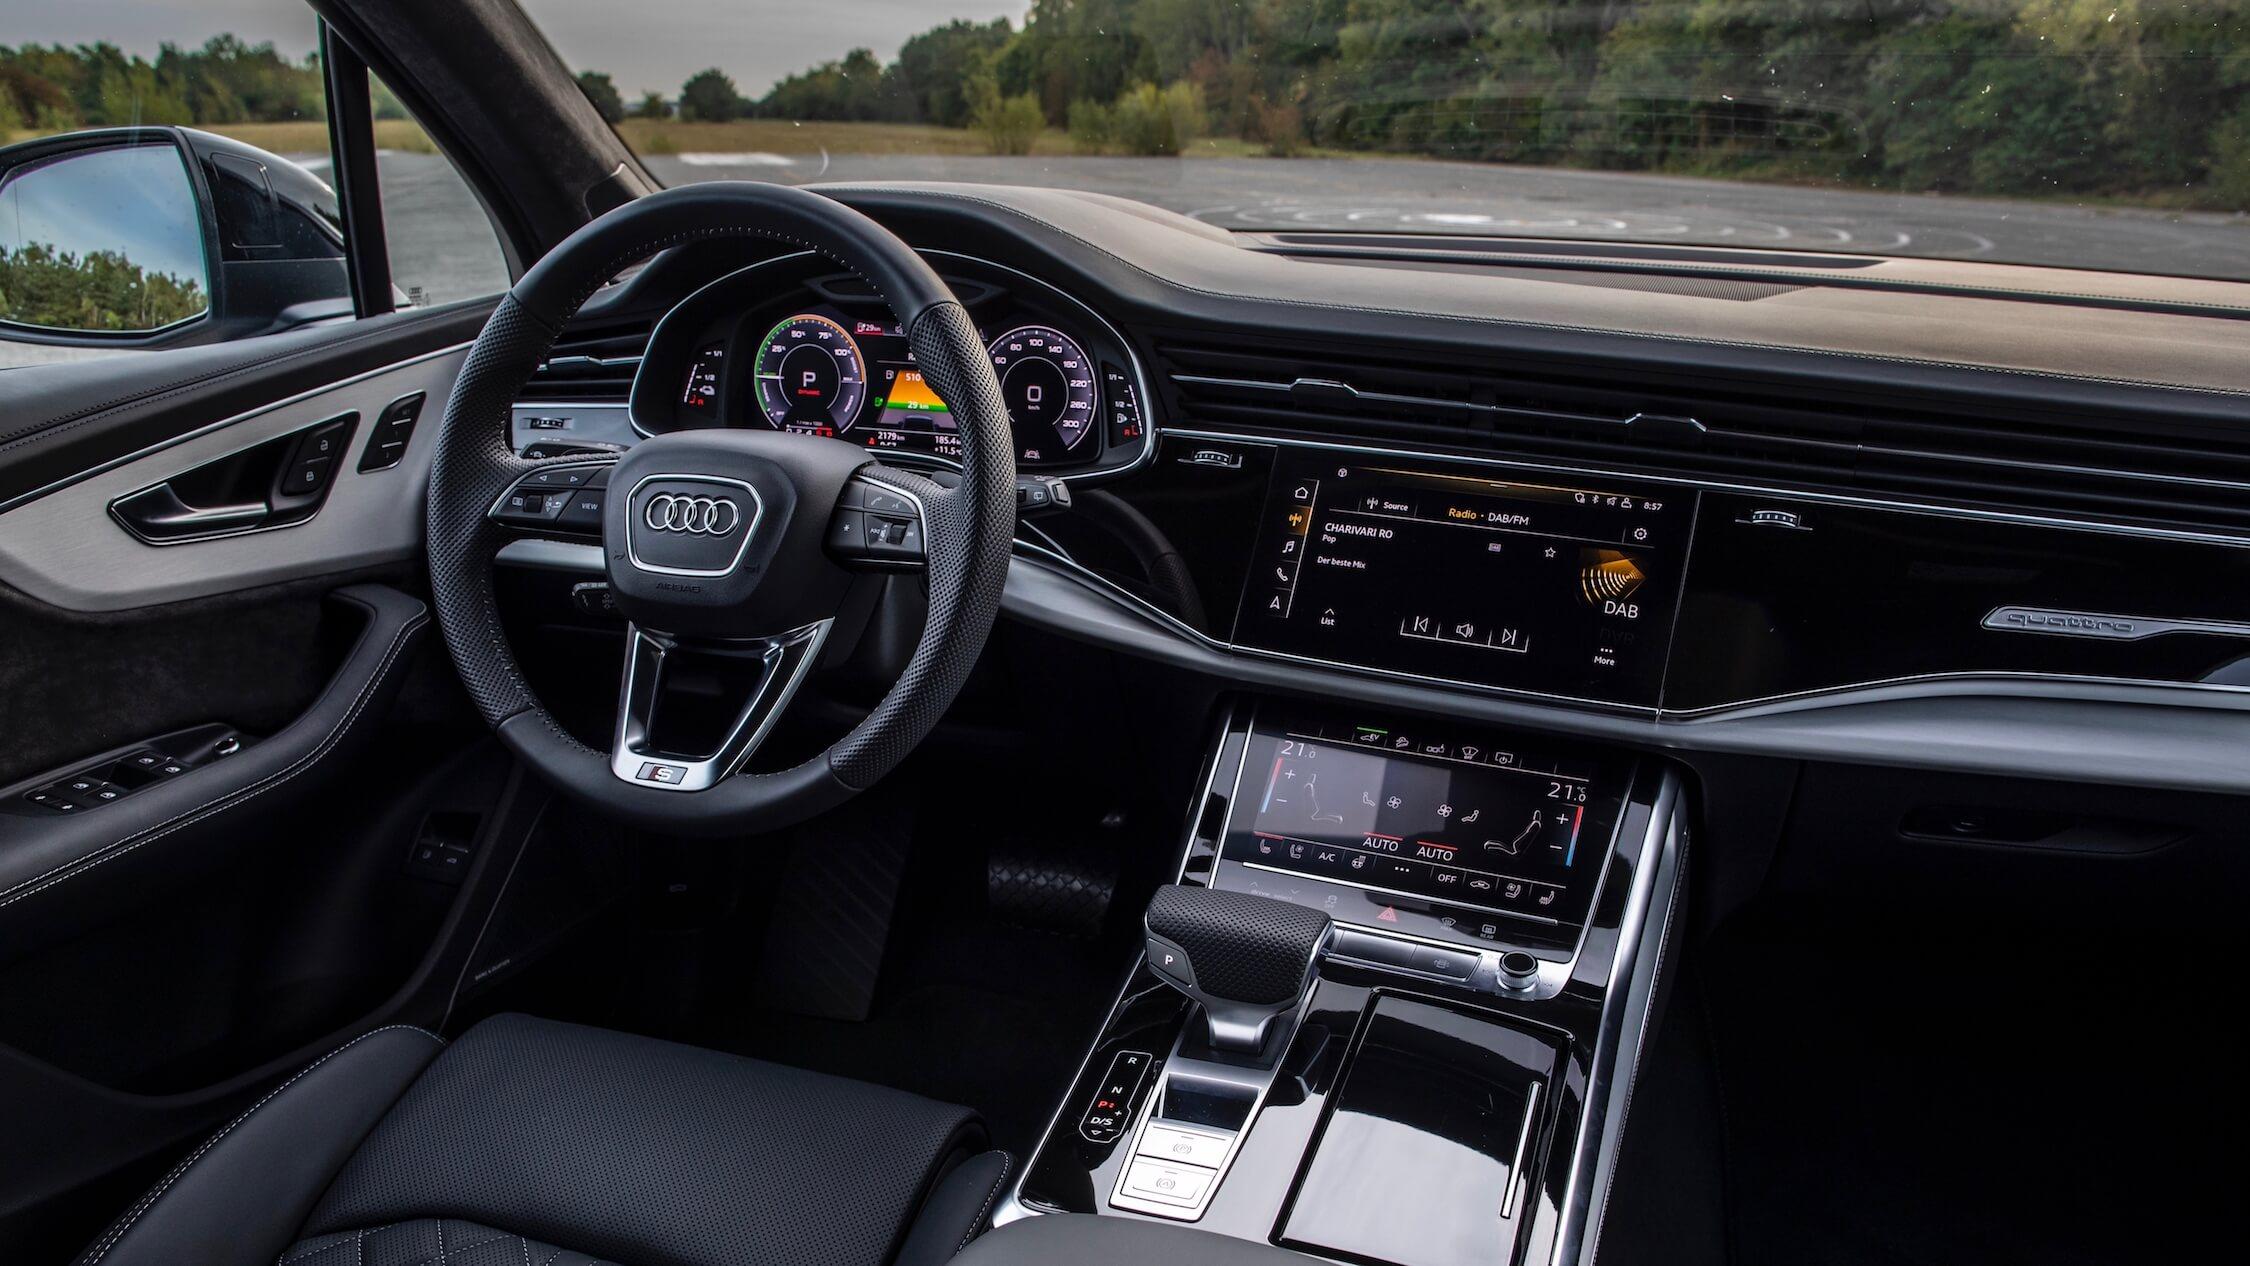 Audi Q7 60 TFSI e interior